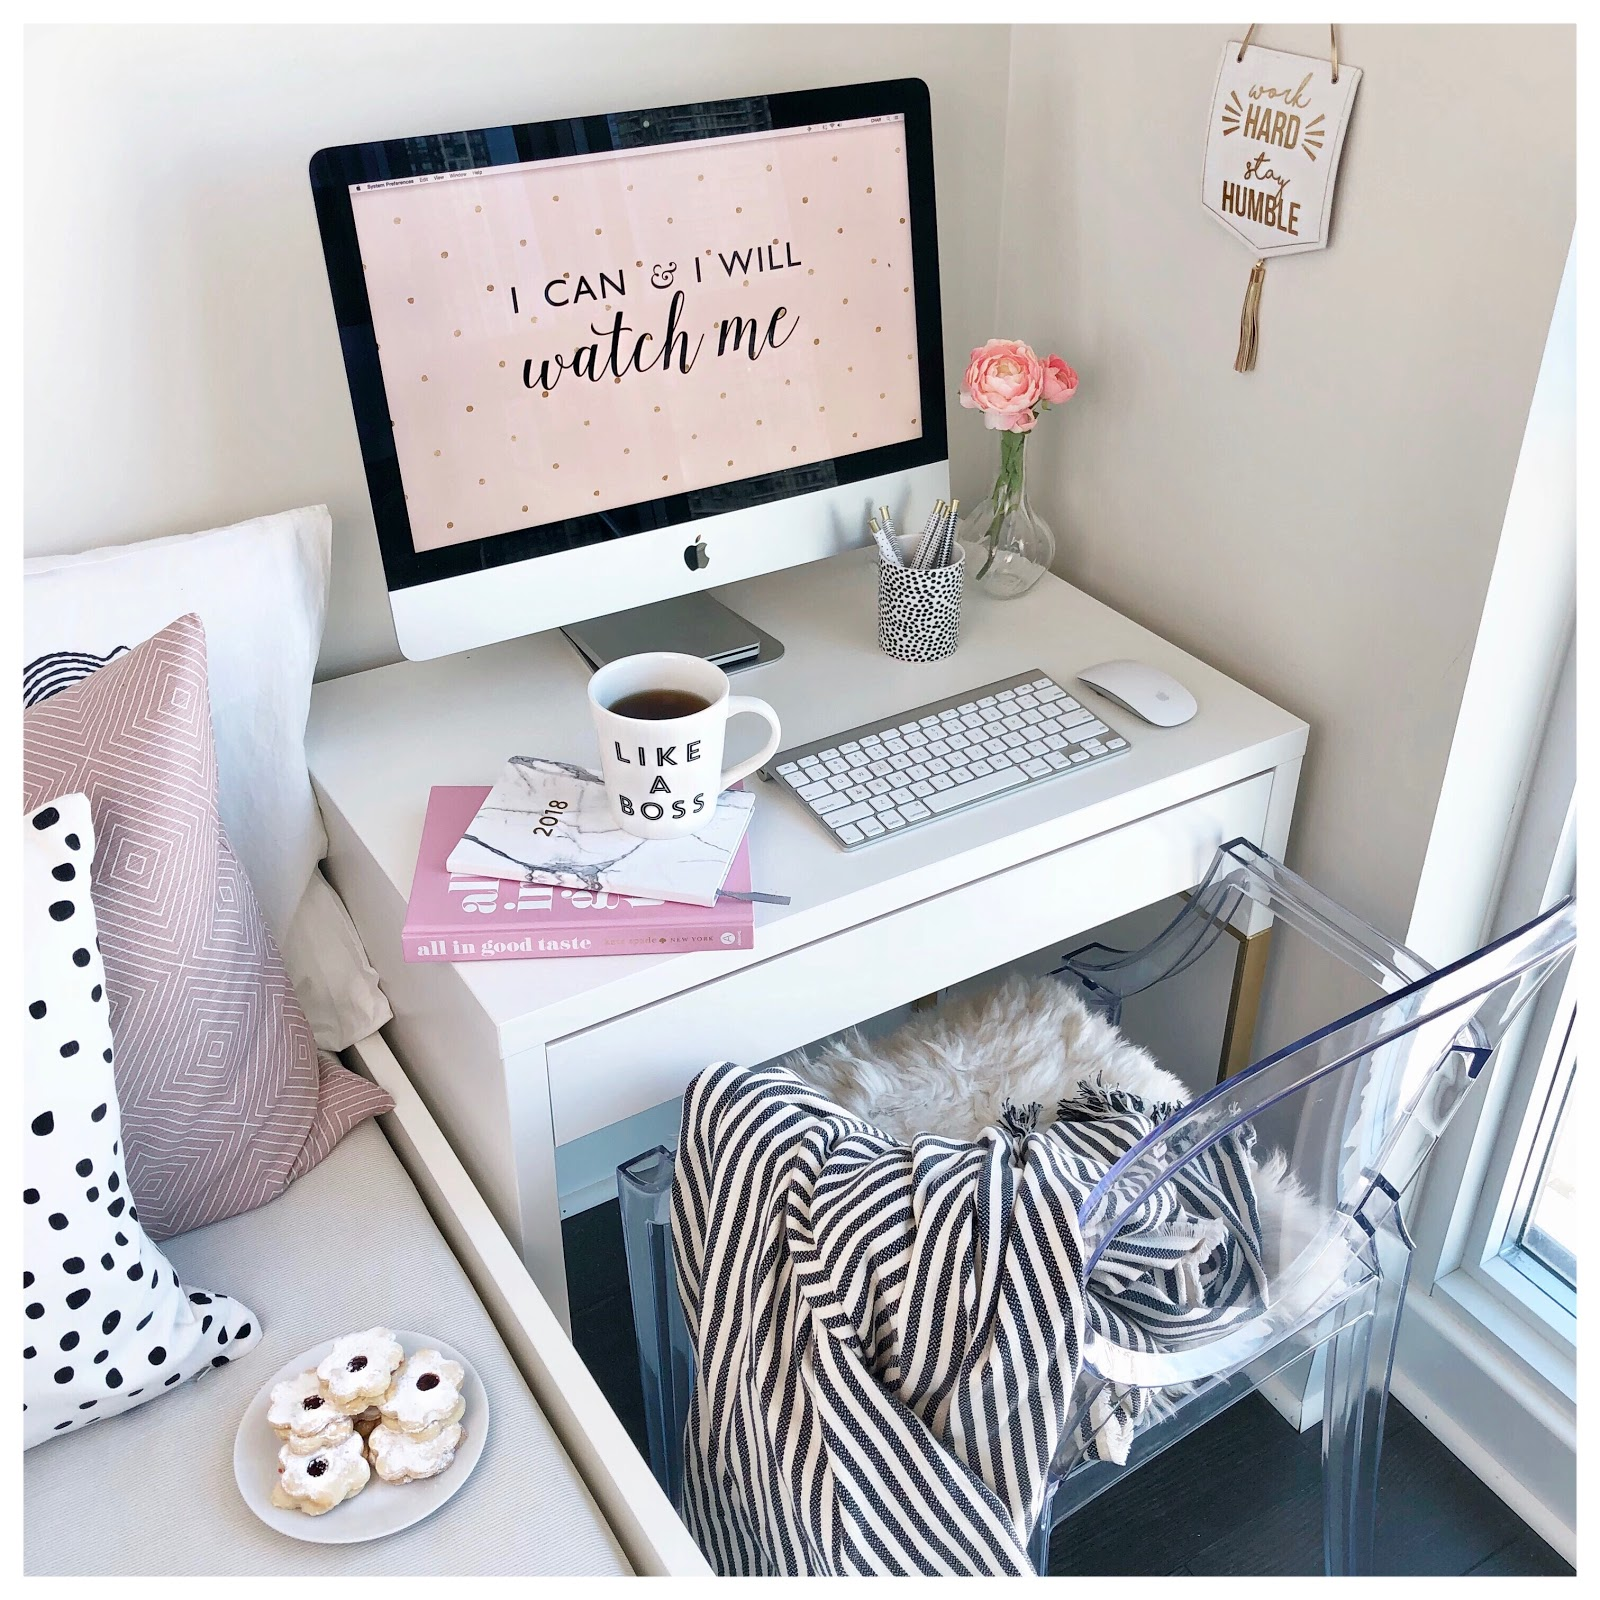 A desk, desktop computer, and a chair